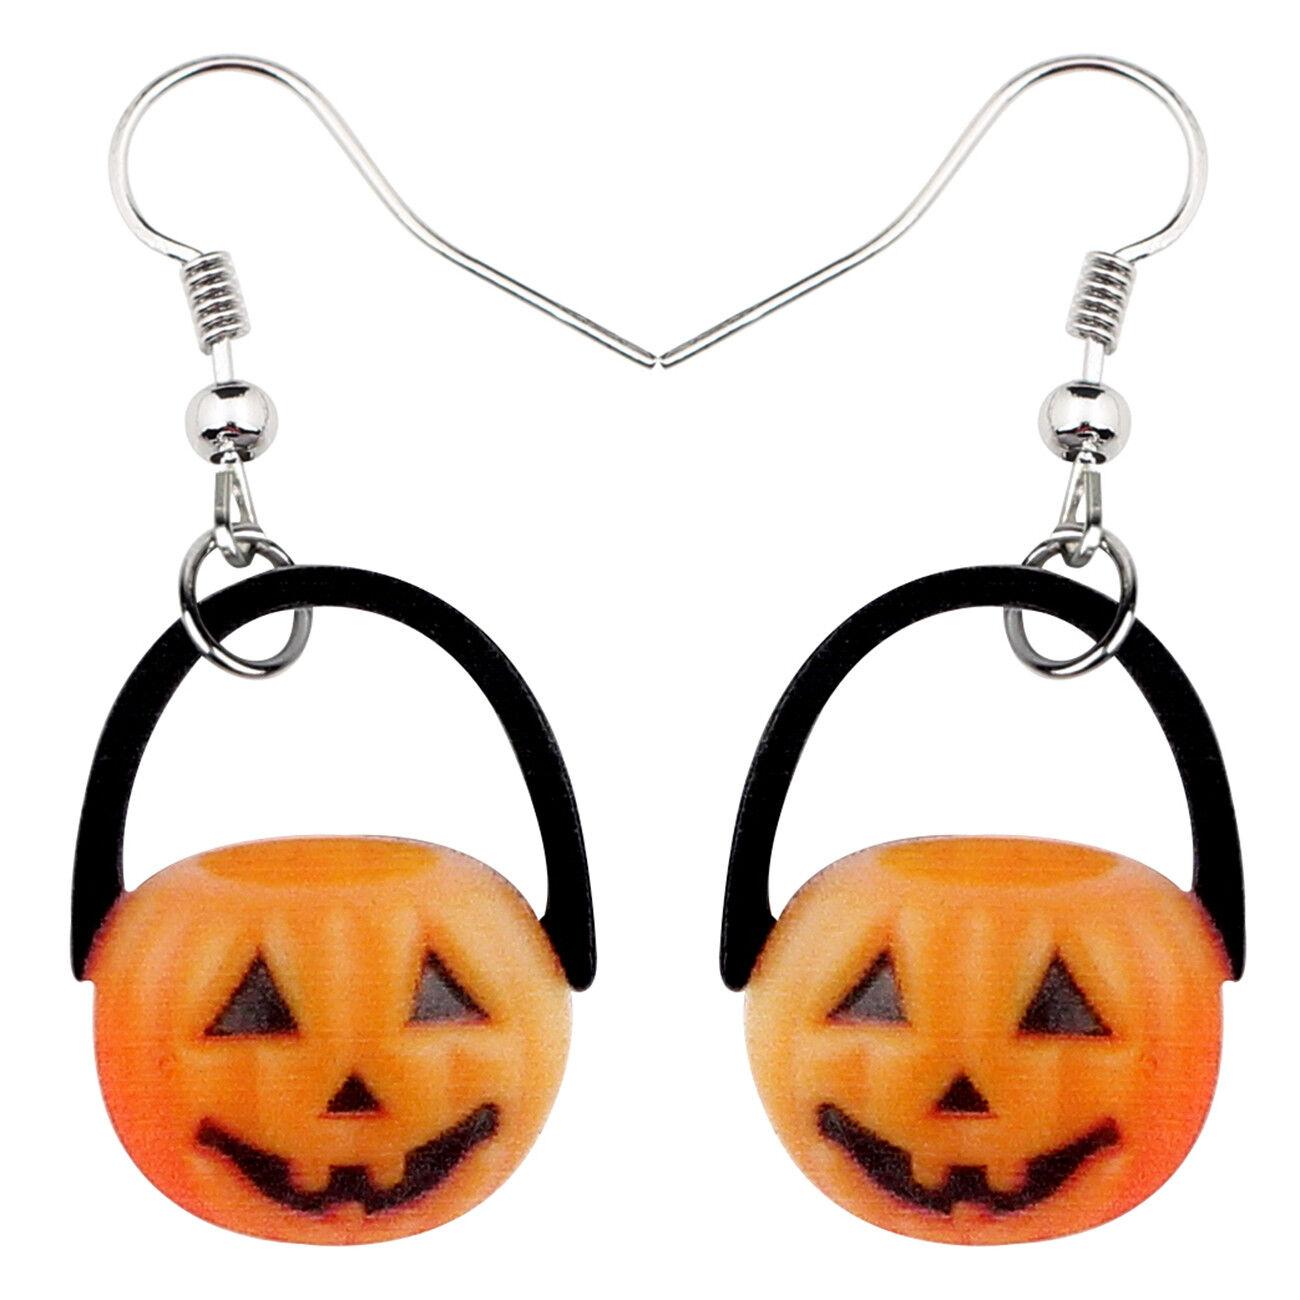 Acrylic Halloween Happy Pumpkin Earrings Dangle Punk Jewelry